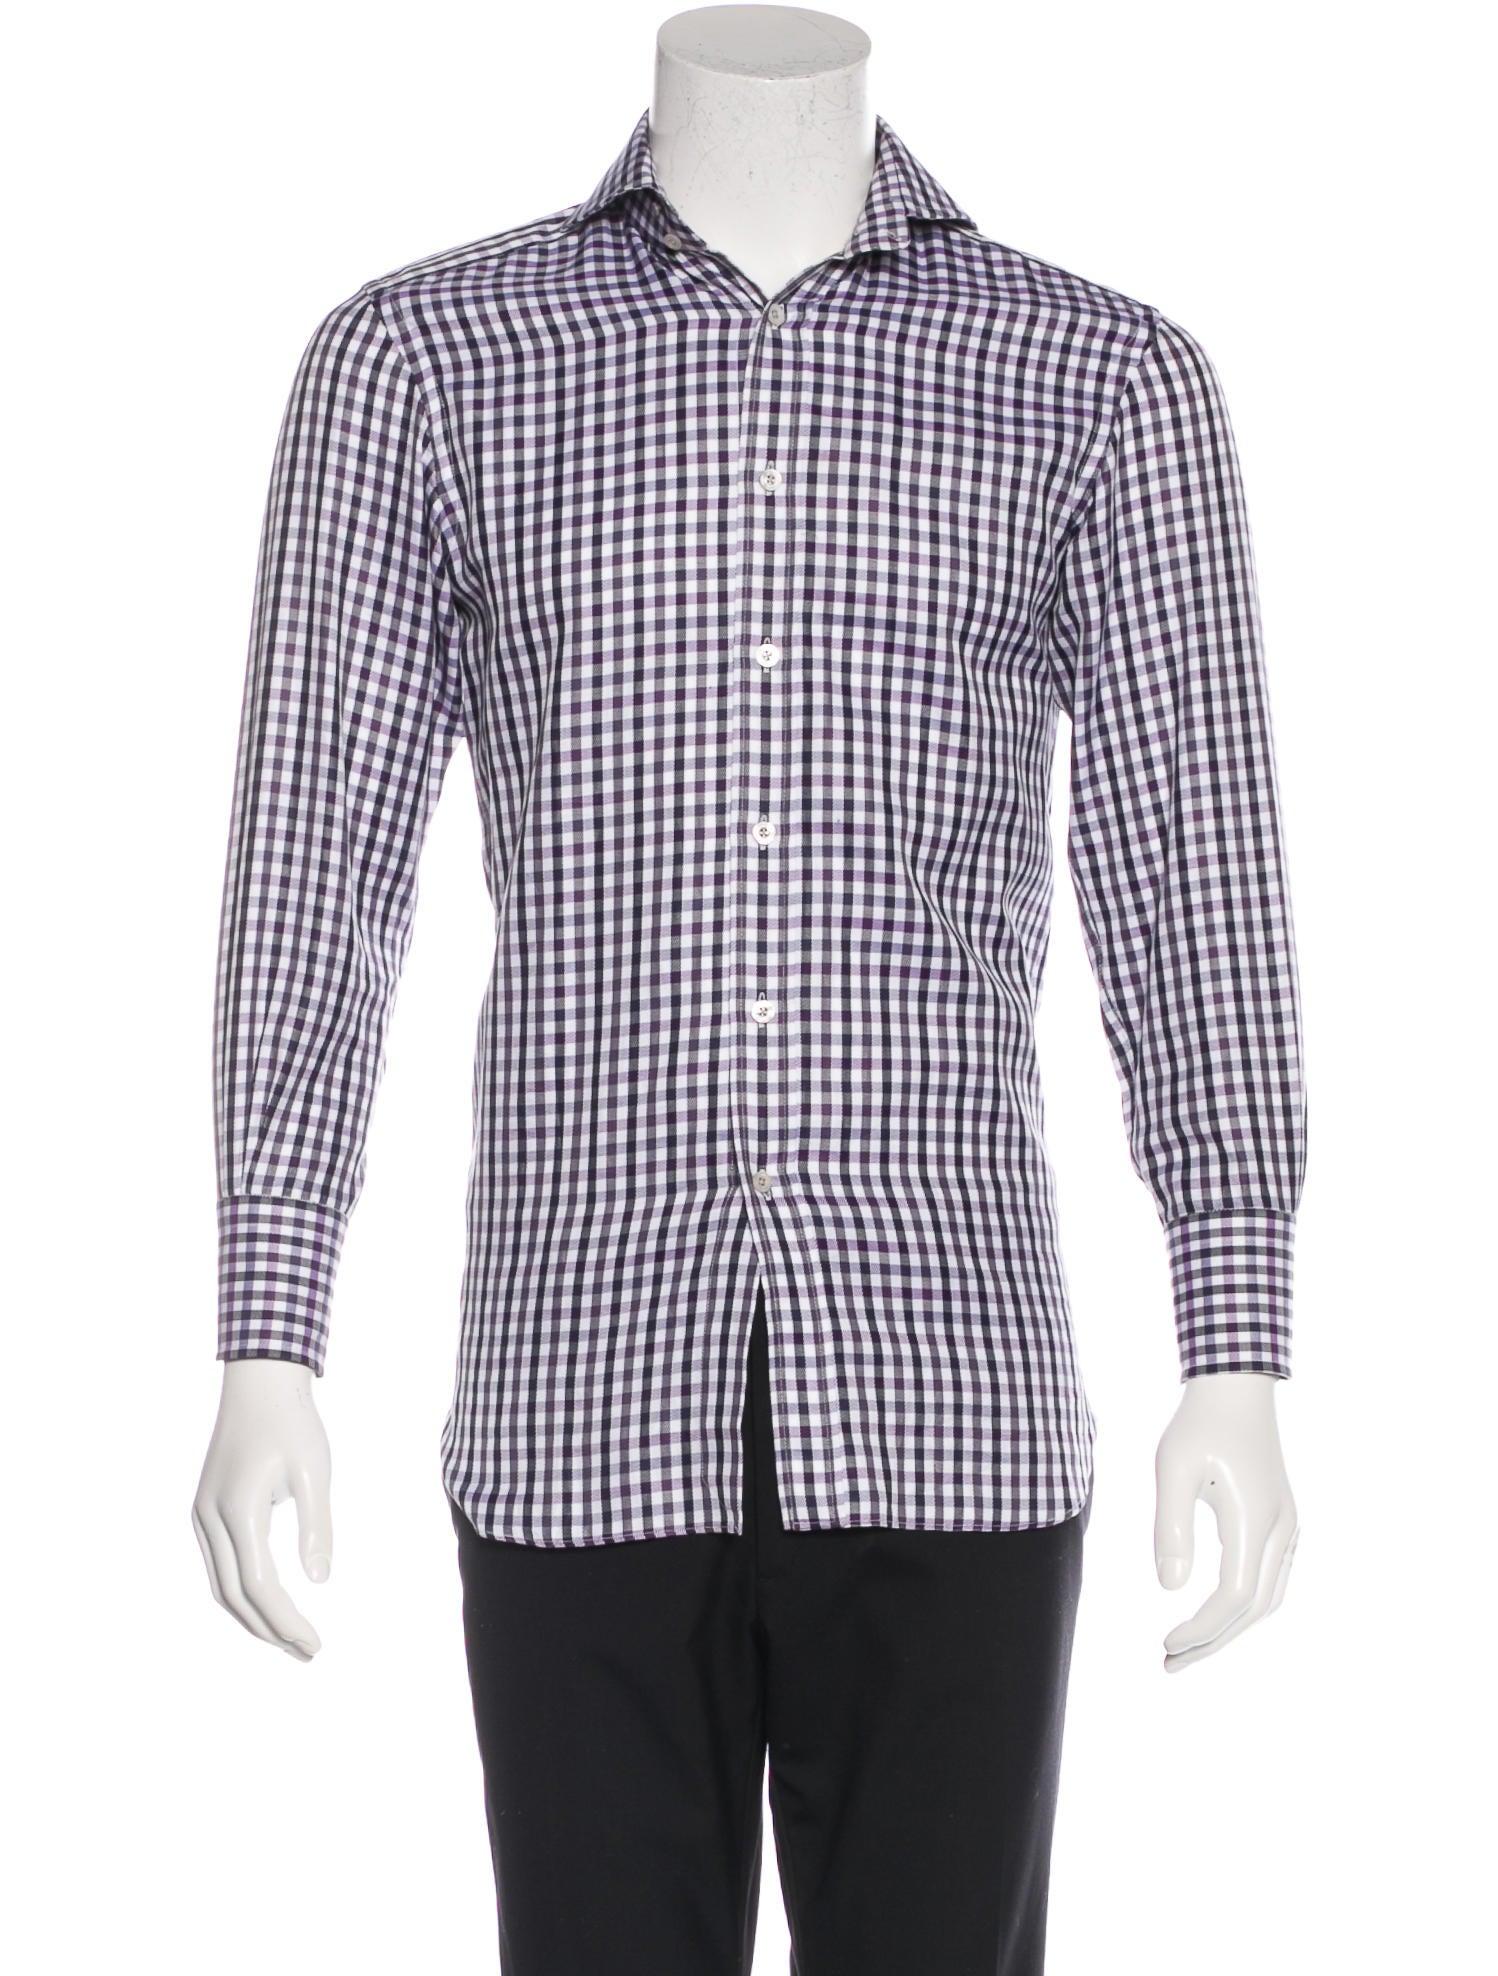 Tom ford gingham herringbone dress shirt clothing for White herringbone dress shirt